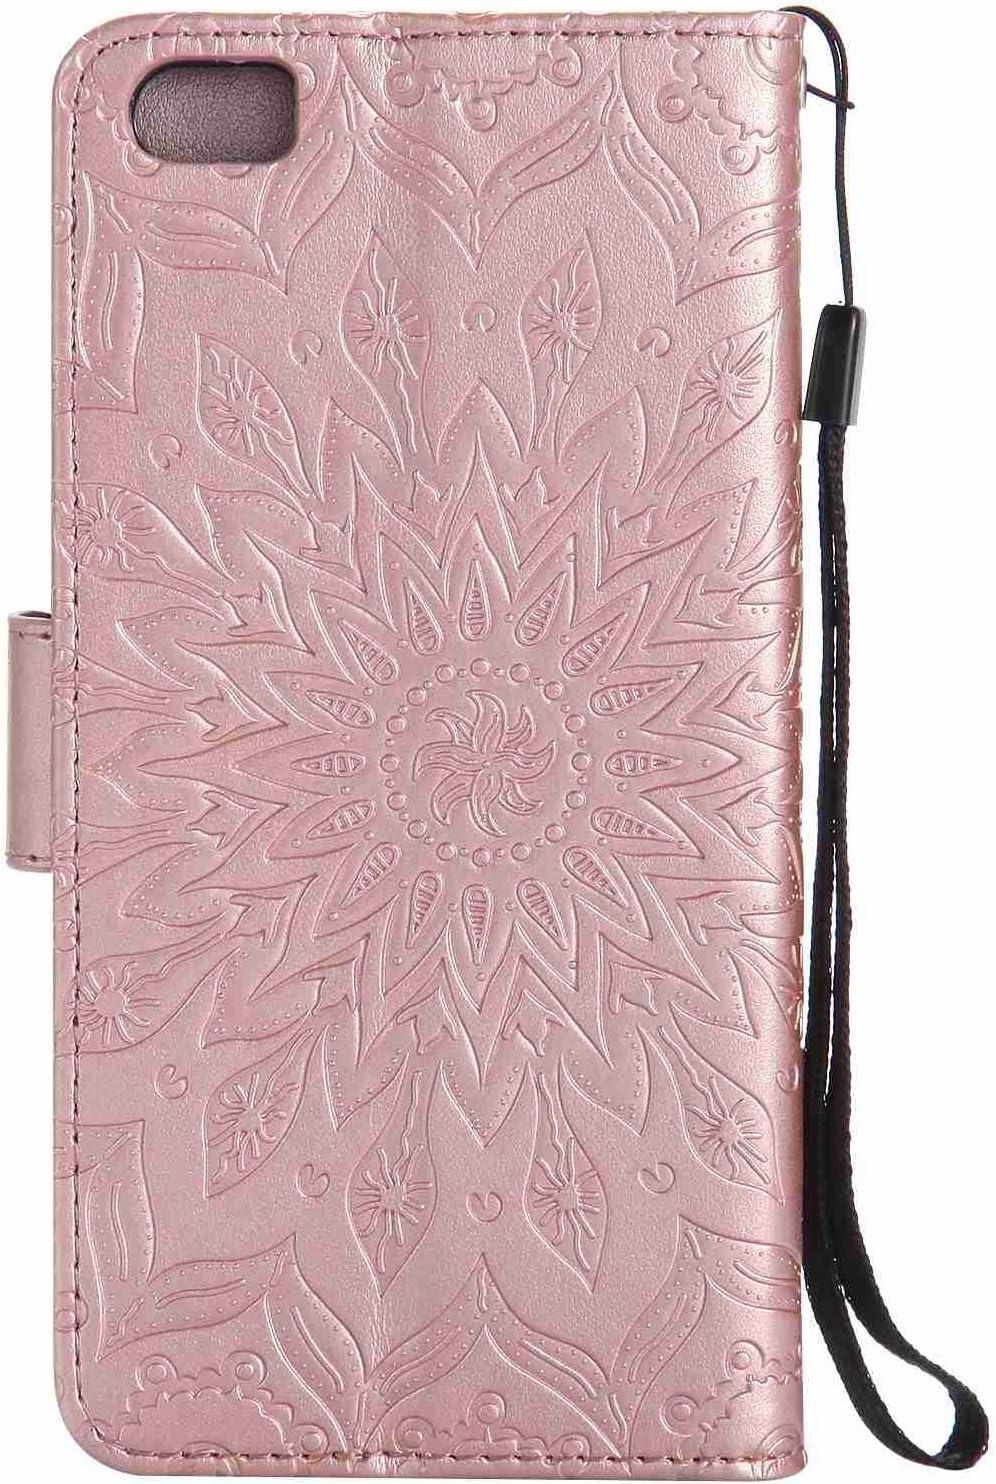 pinlu® Flip Funda de Cuero para Xiaomi Mi5 Carcasa con Función de Stent y Ranuras con Patrón de Girasol Cover (Oro Rosa): Amazon.es: Electrónica